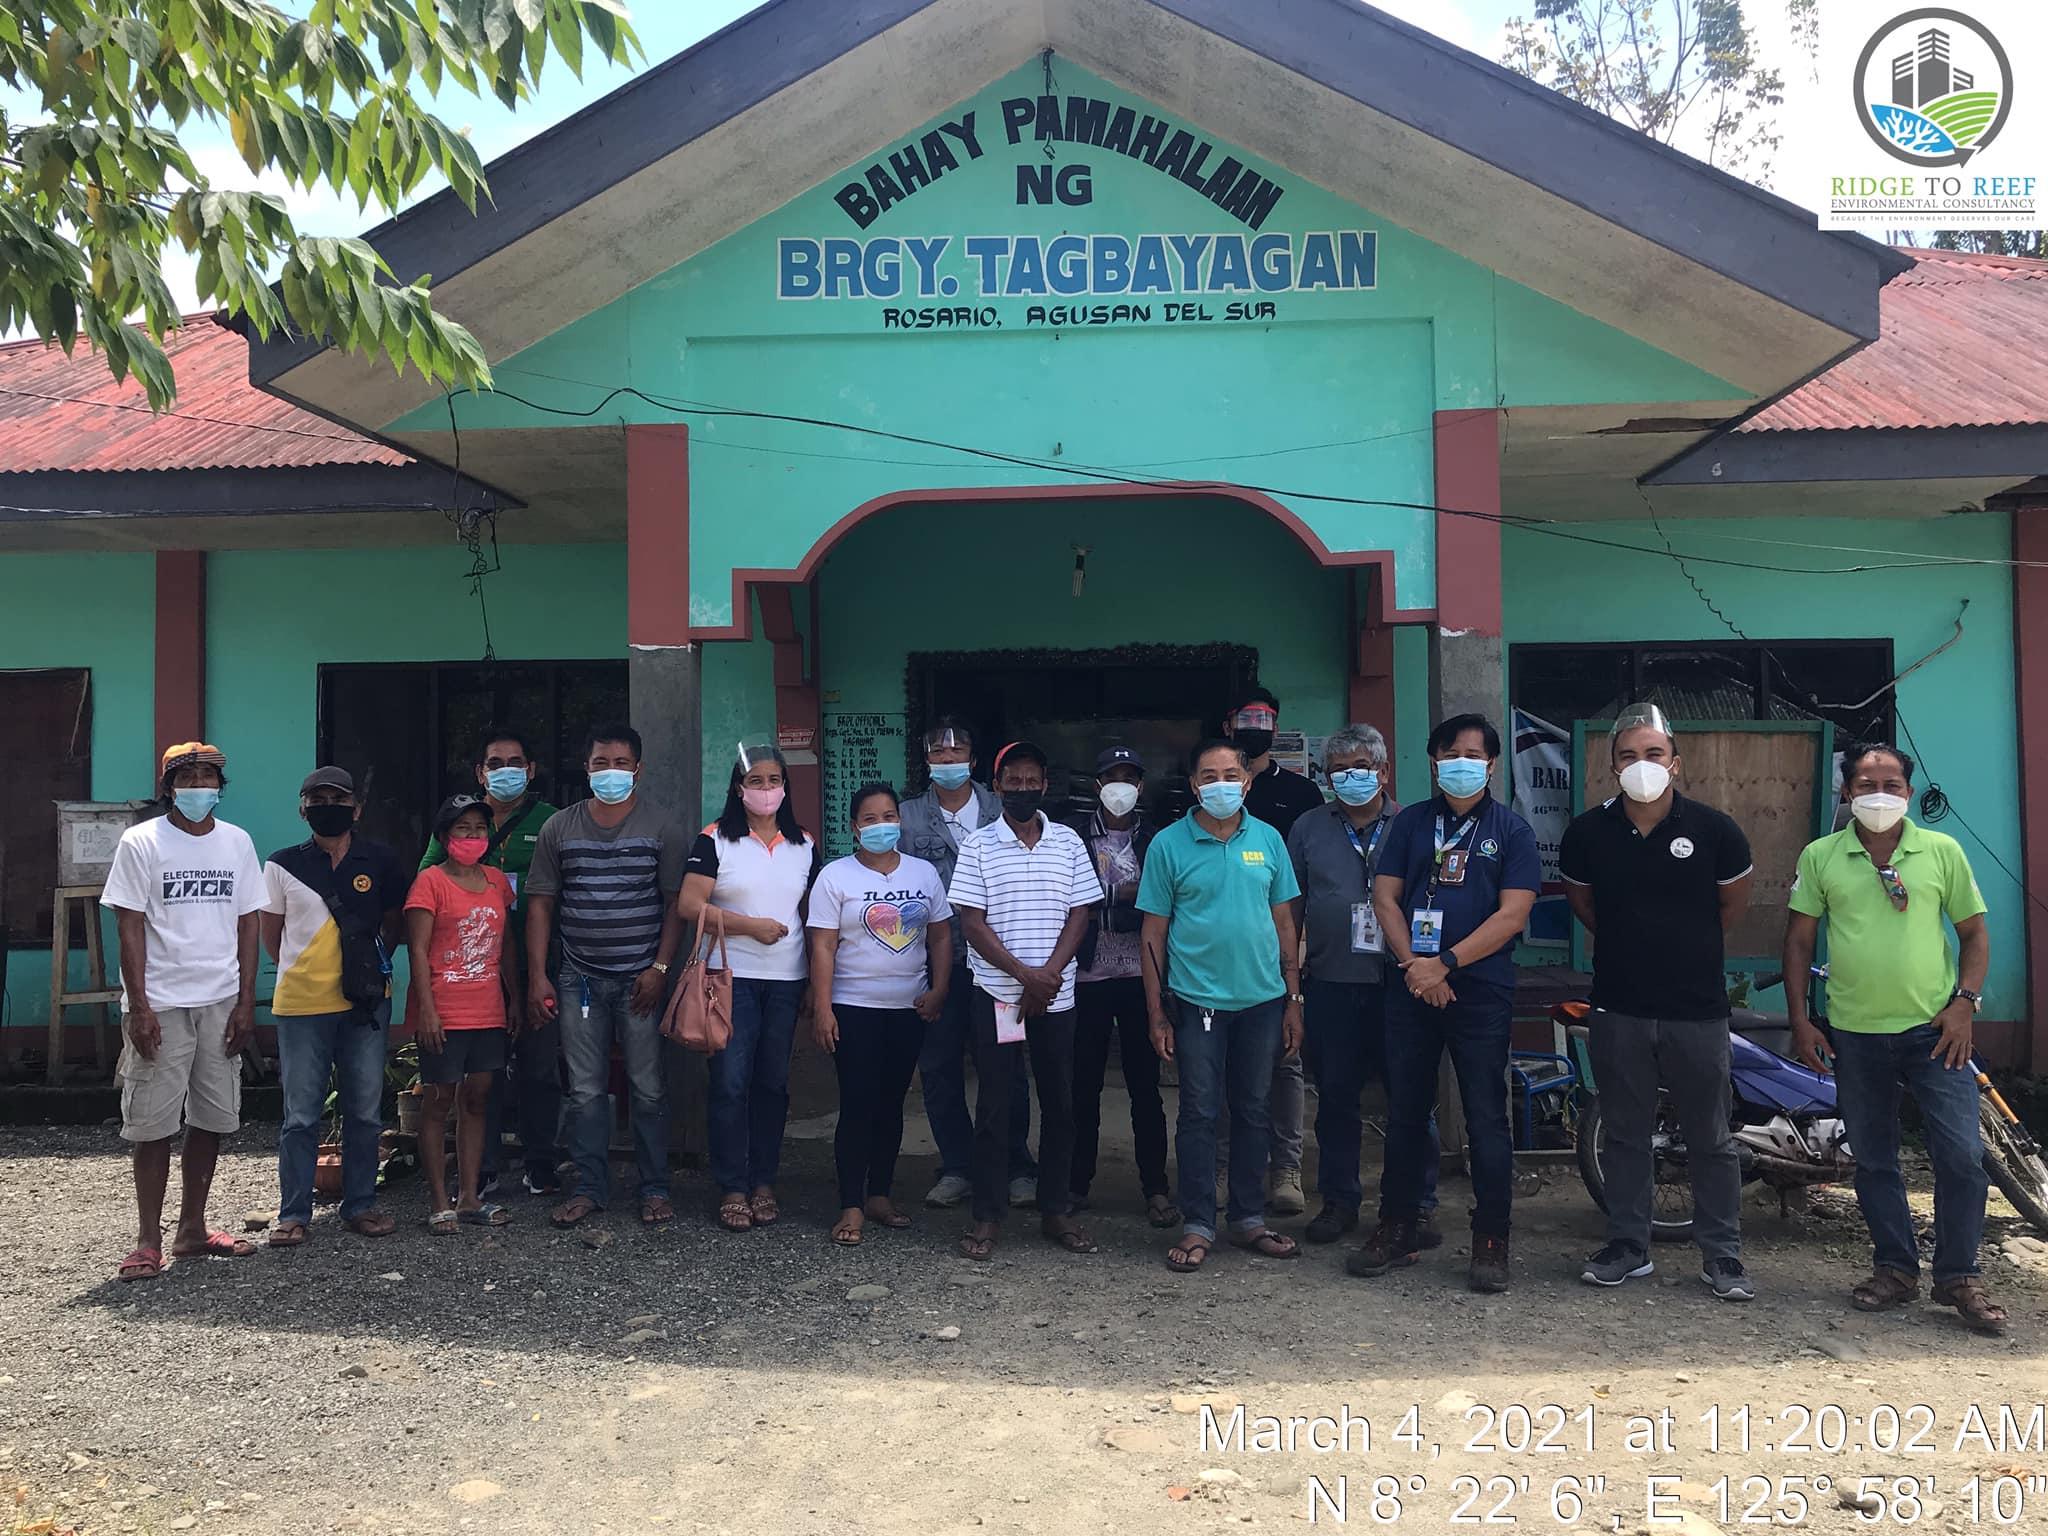 Focus Group Discussion (FGD) at Brgy. Tagbayagan, Rosario, Agusan del Sur